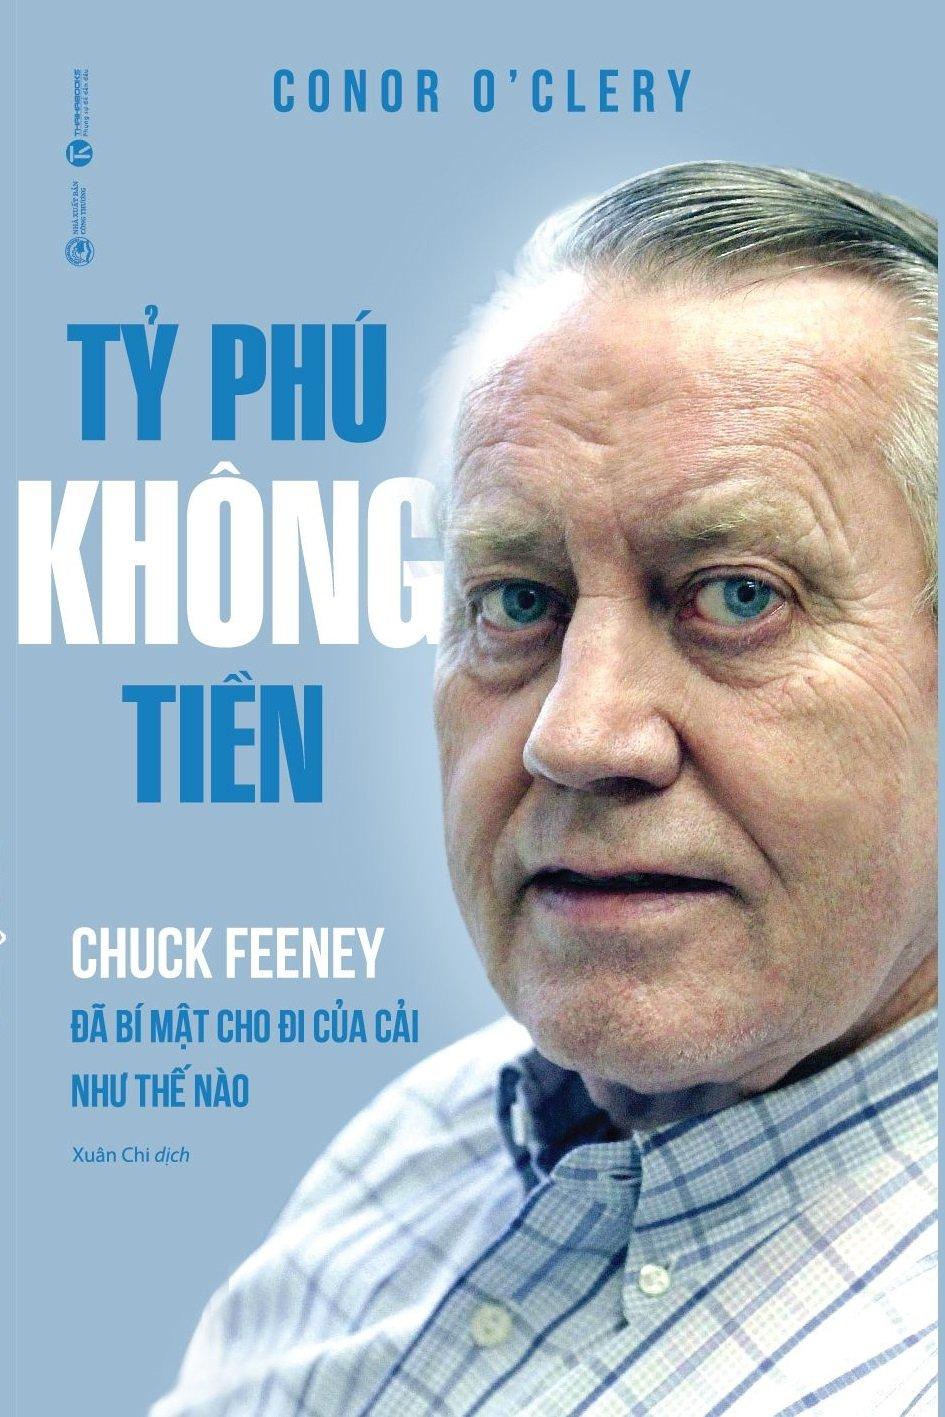 Tỷ phú không tiền - Chuck Feeney đã bí mật cho đi của cải như thế nào – Nhà sách Thái Hà